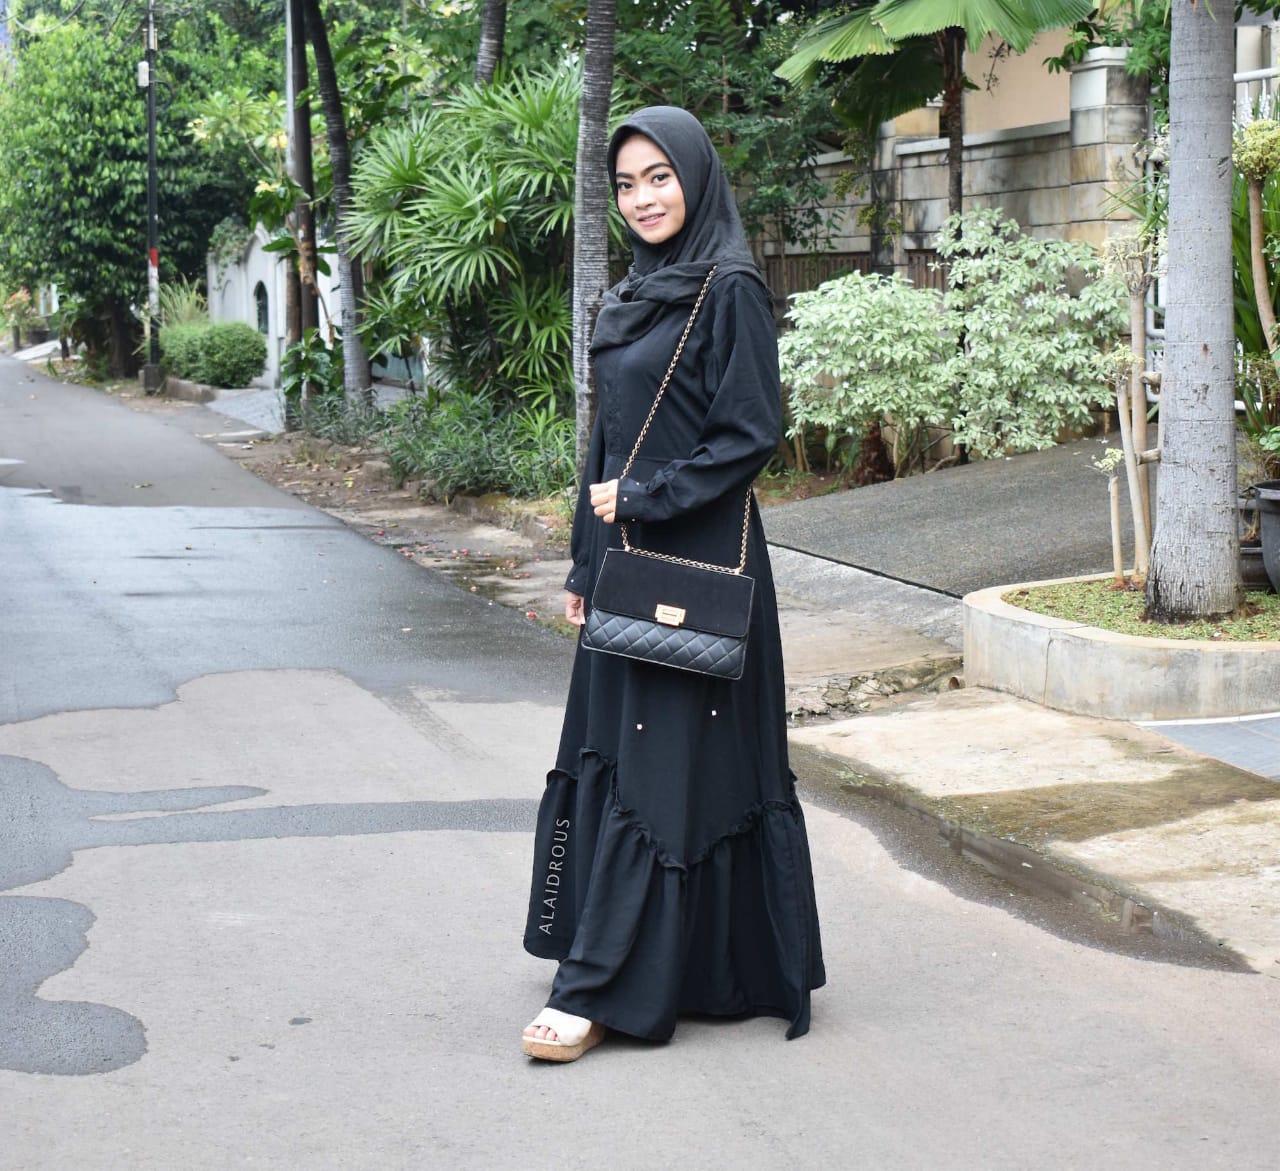 hijab-2-10122020-IMG-20190111-WA0049.jpg